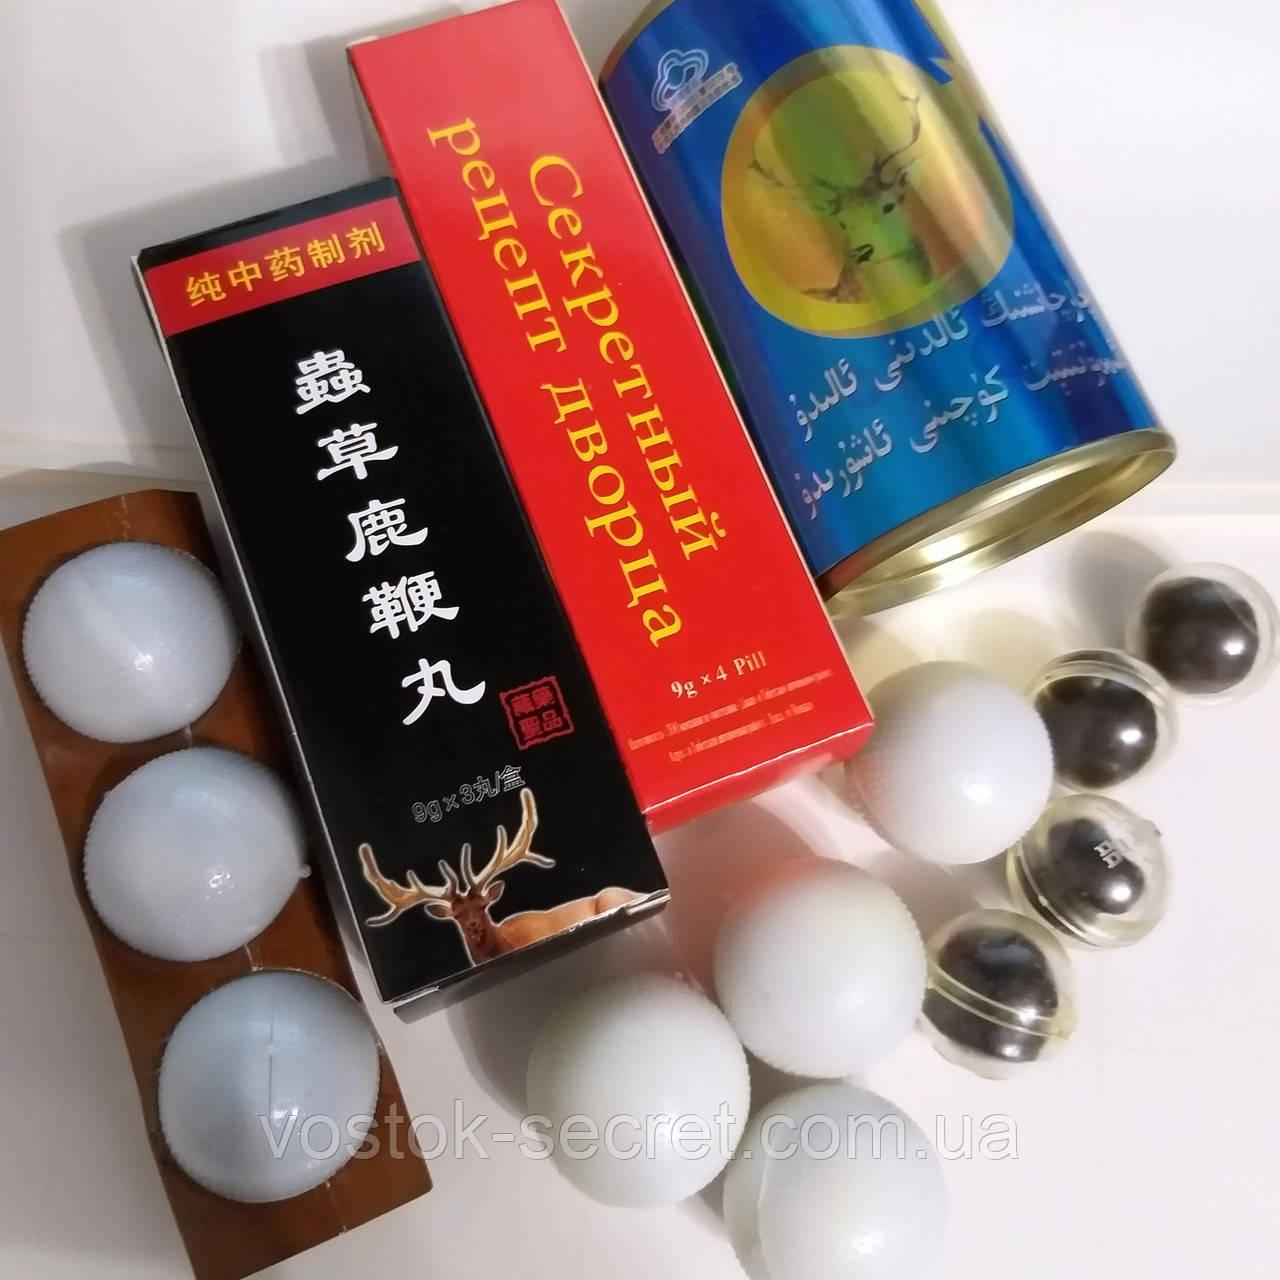 Традиционные китайские пилюли - шарики.